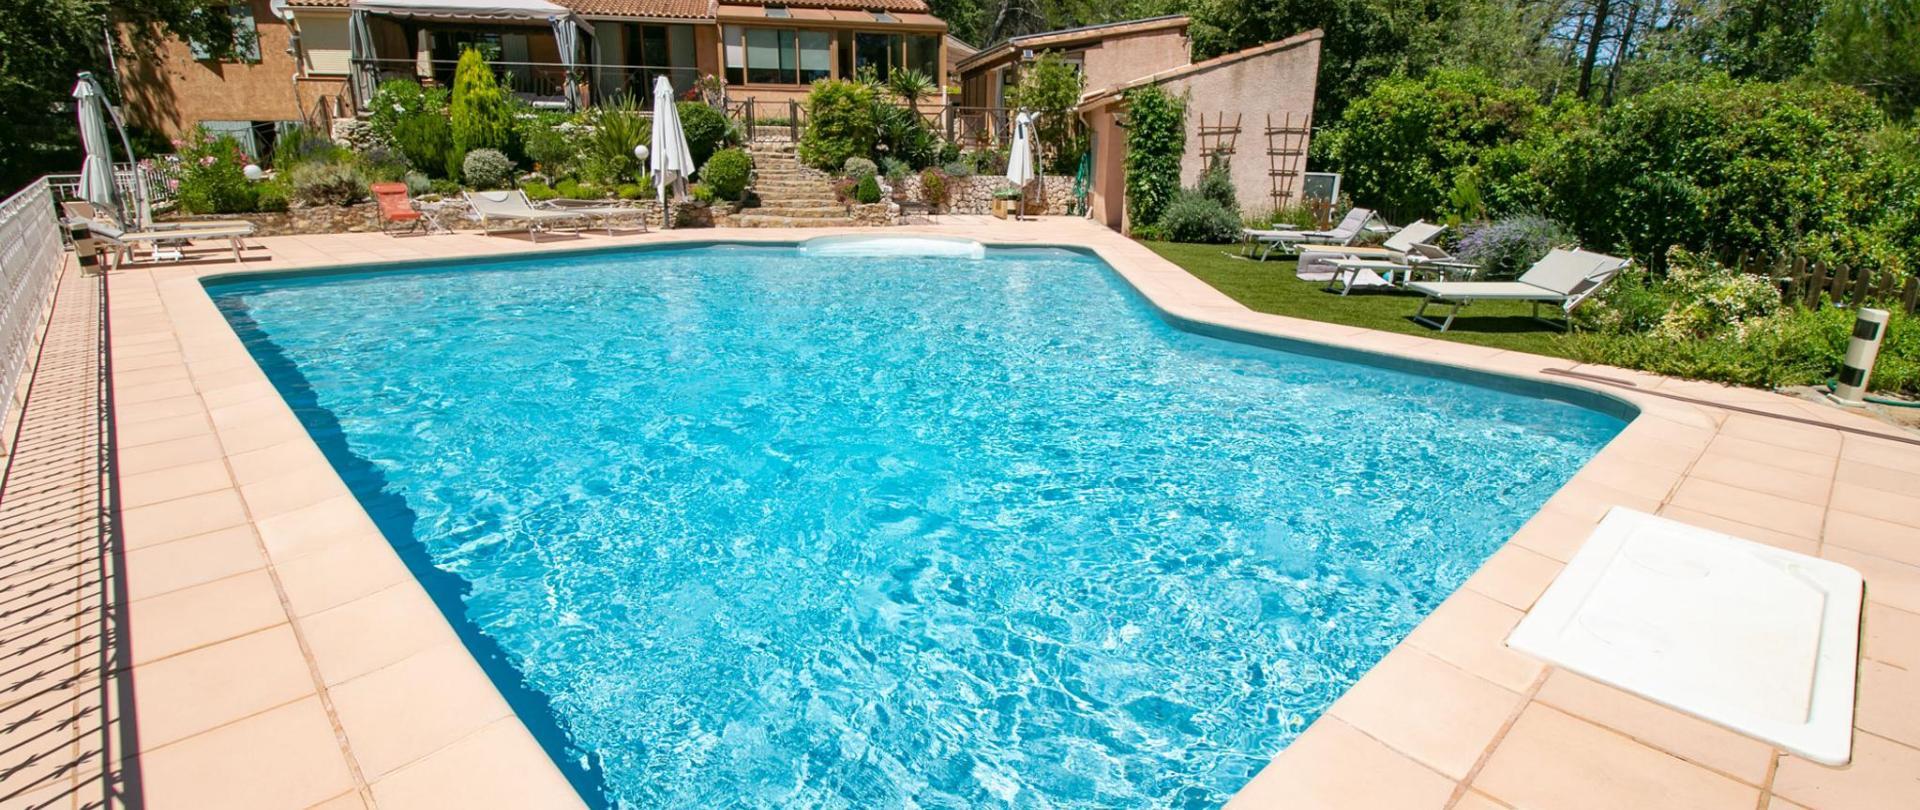 Villa piscine vue générale2 juillet 2020.jpg